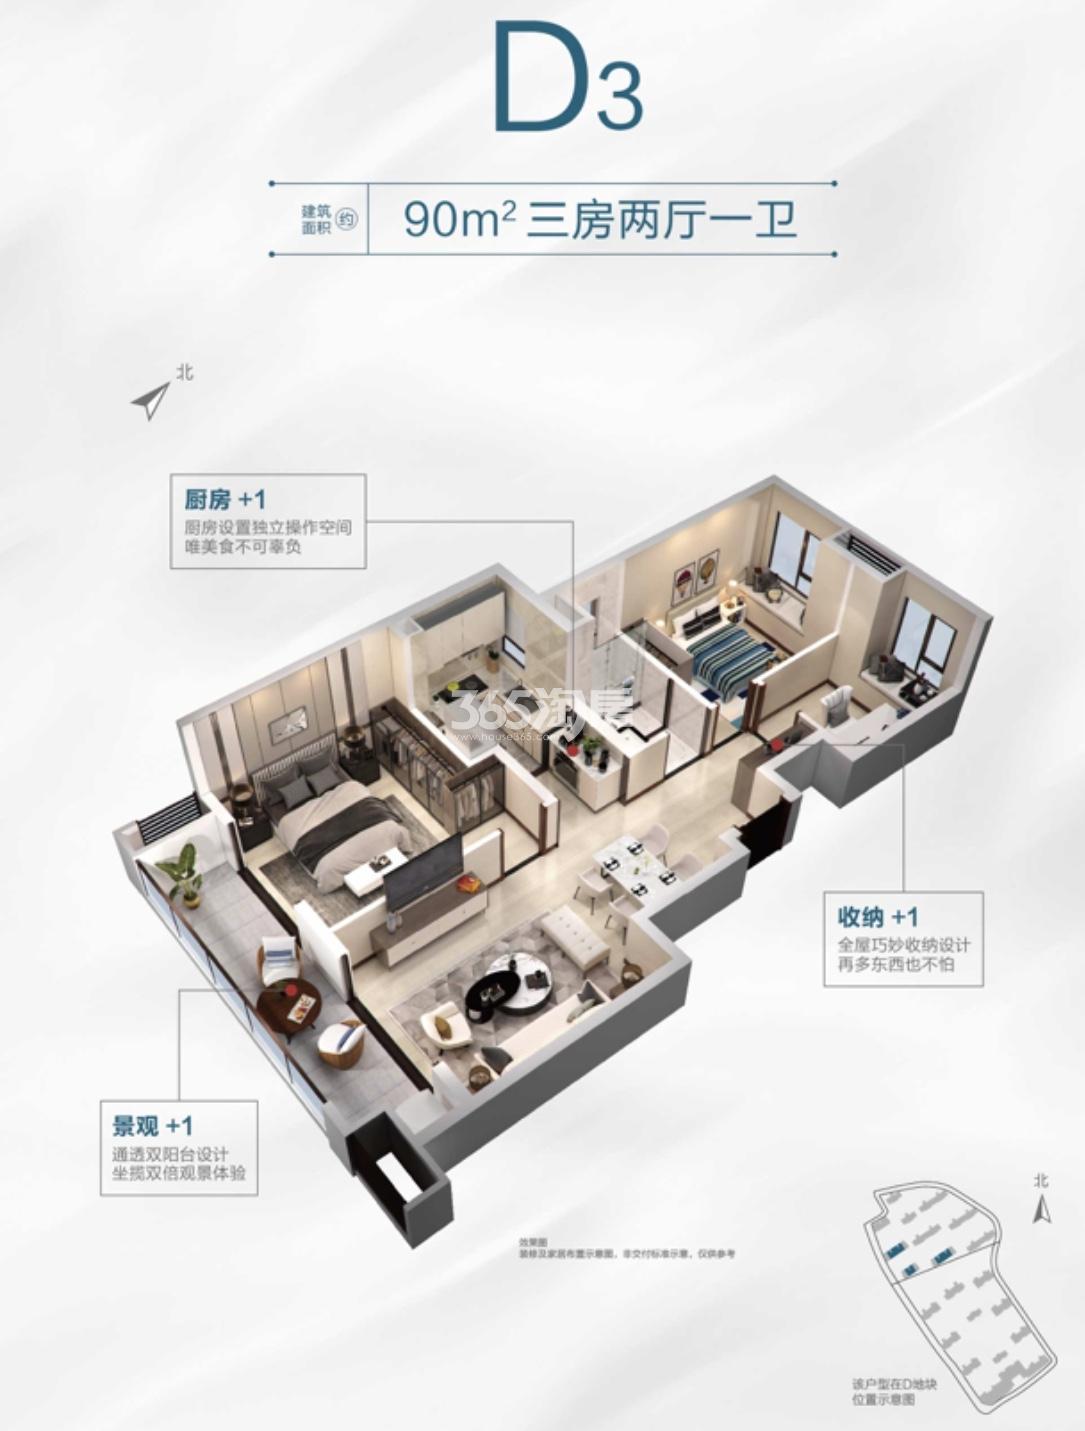 华侨城翡翠天域D3户型90㎡户型图